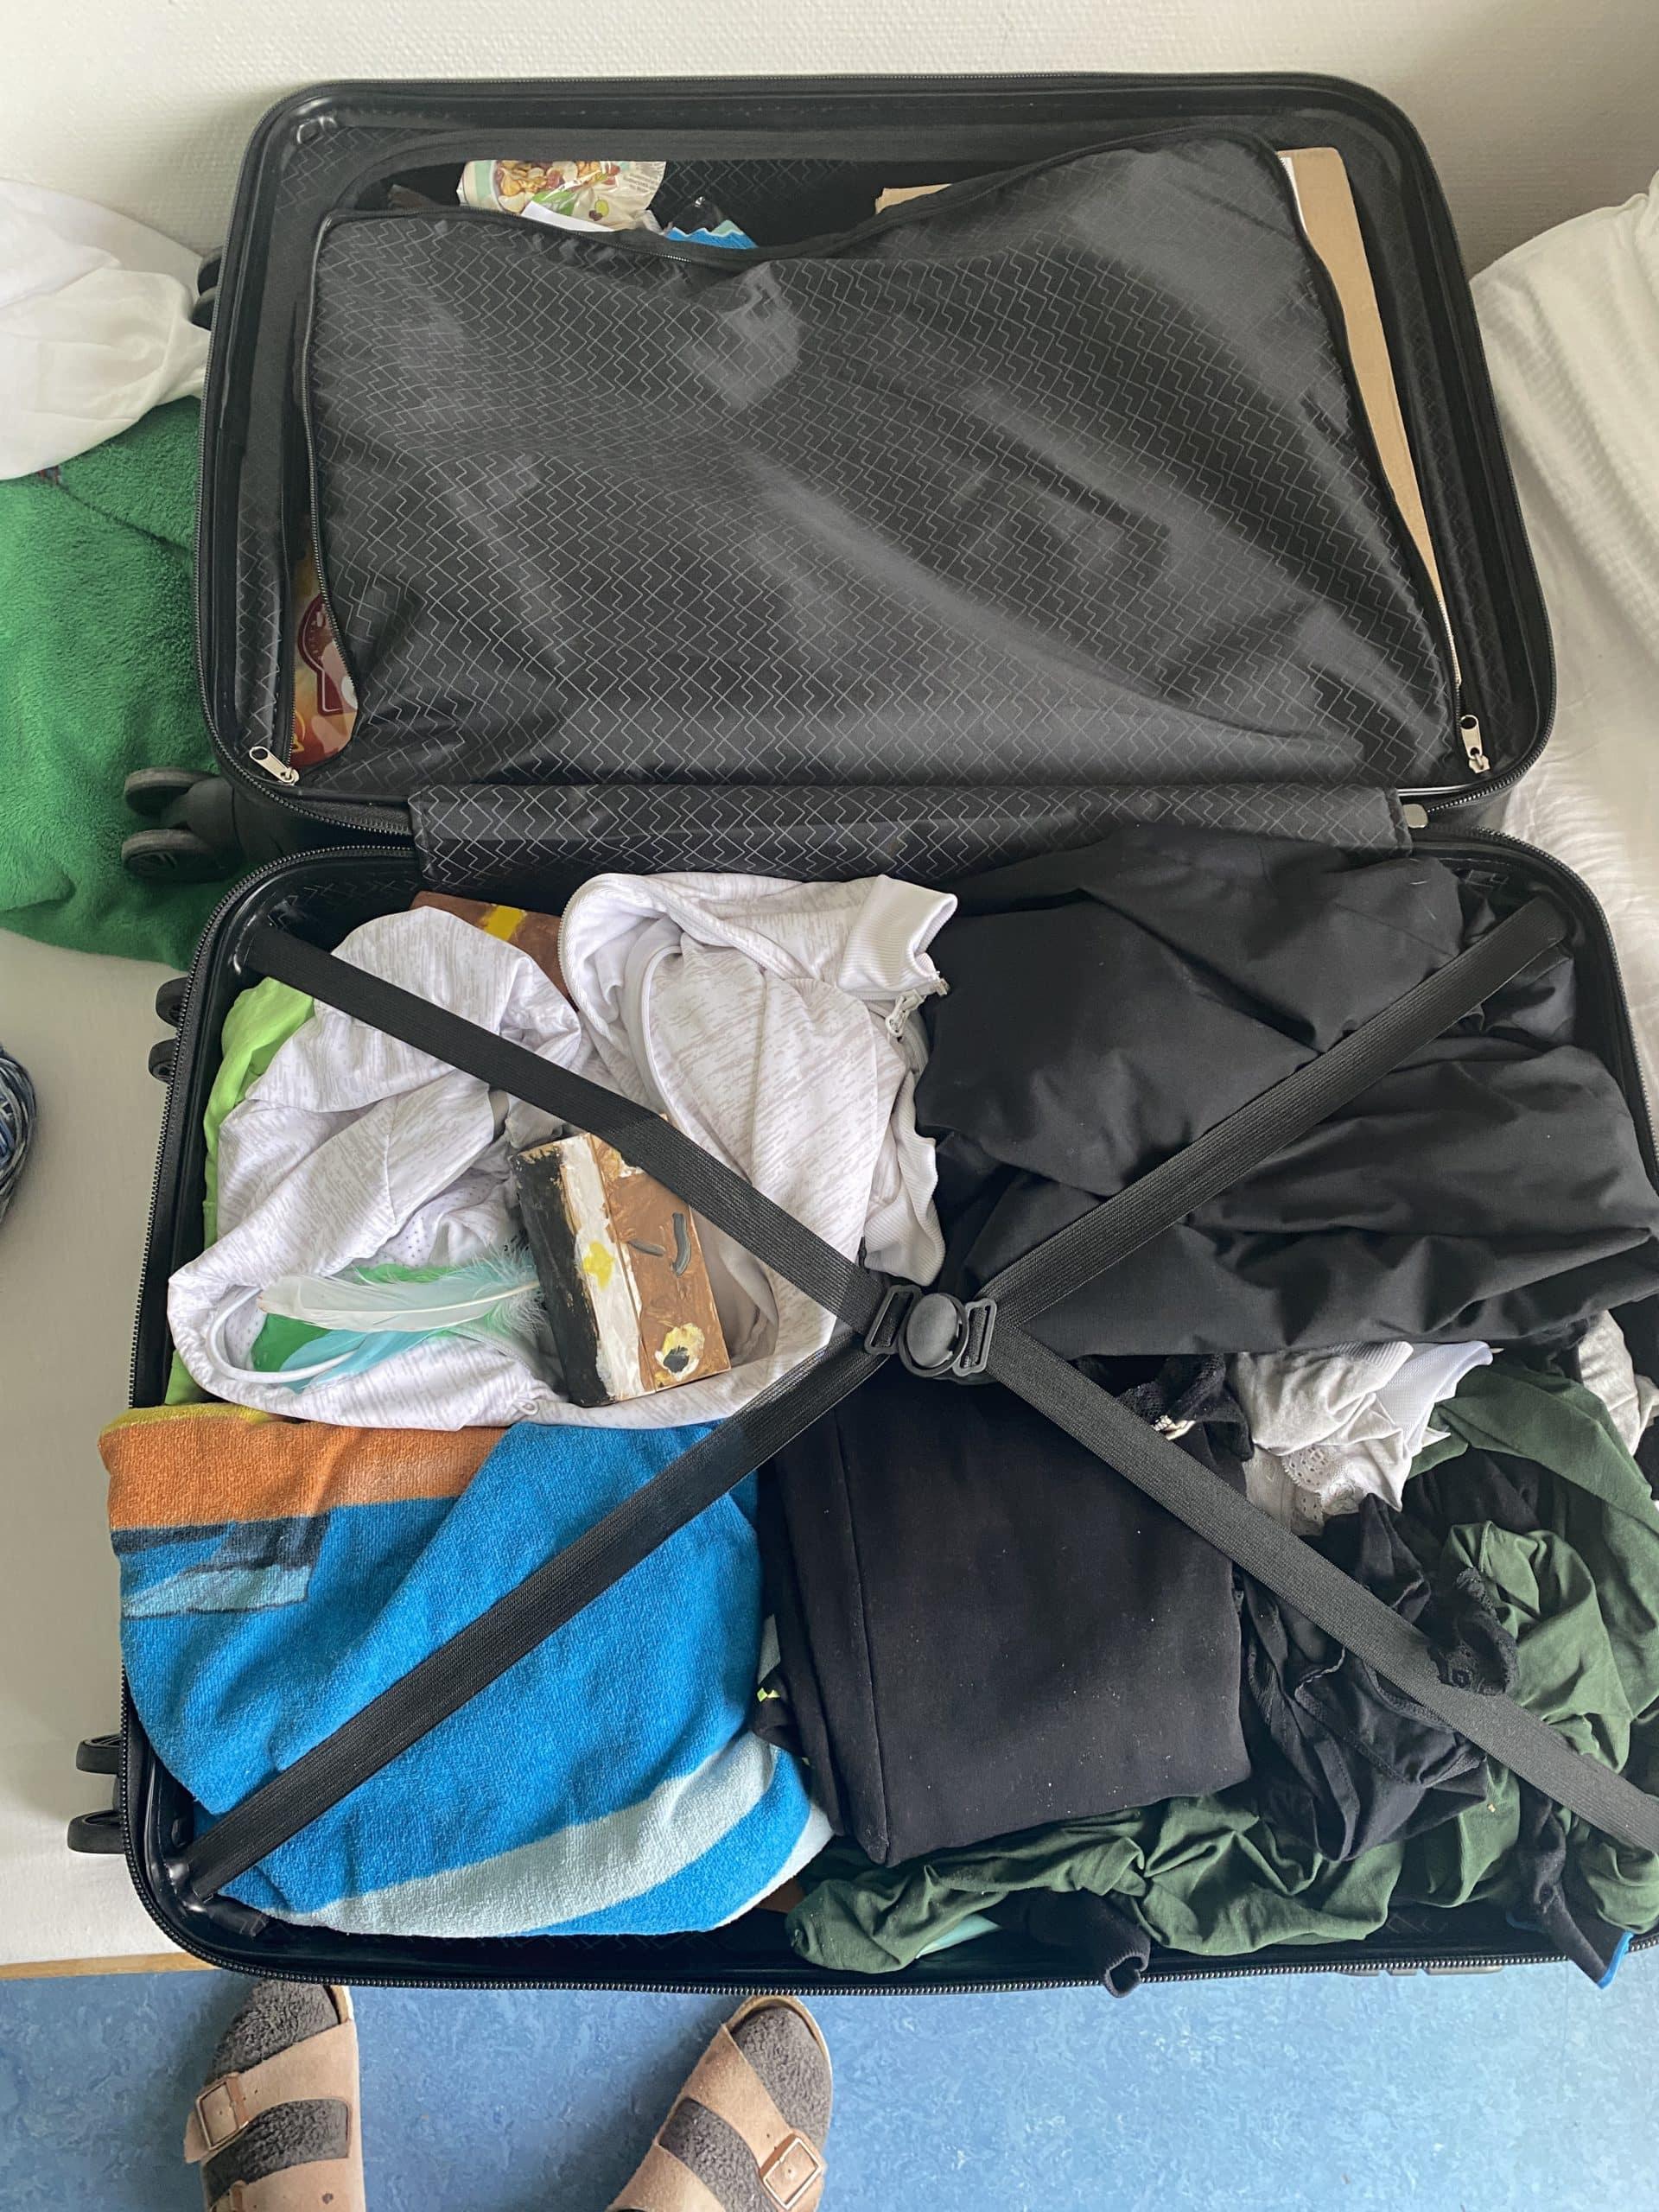 Am Nachmittag packe ich Koffer. In zwei Tagen reisen wir ab, dann steht noch ein Abschlussarzttermin in Berlin an. Ich tue mich schwer mit dem Packen.